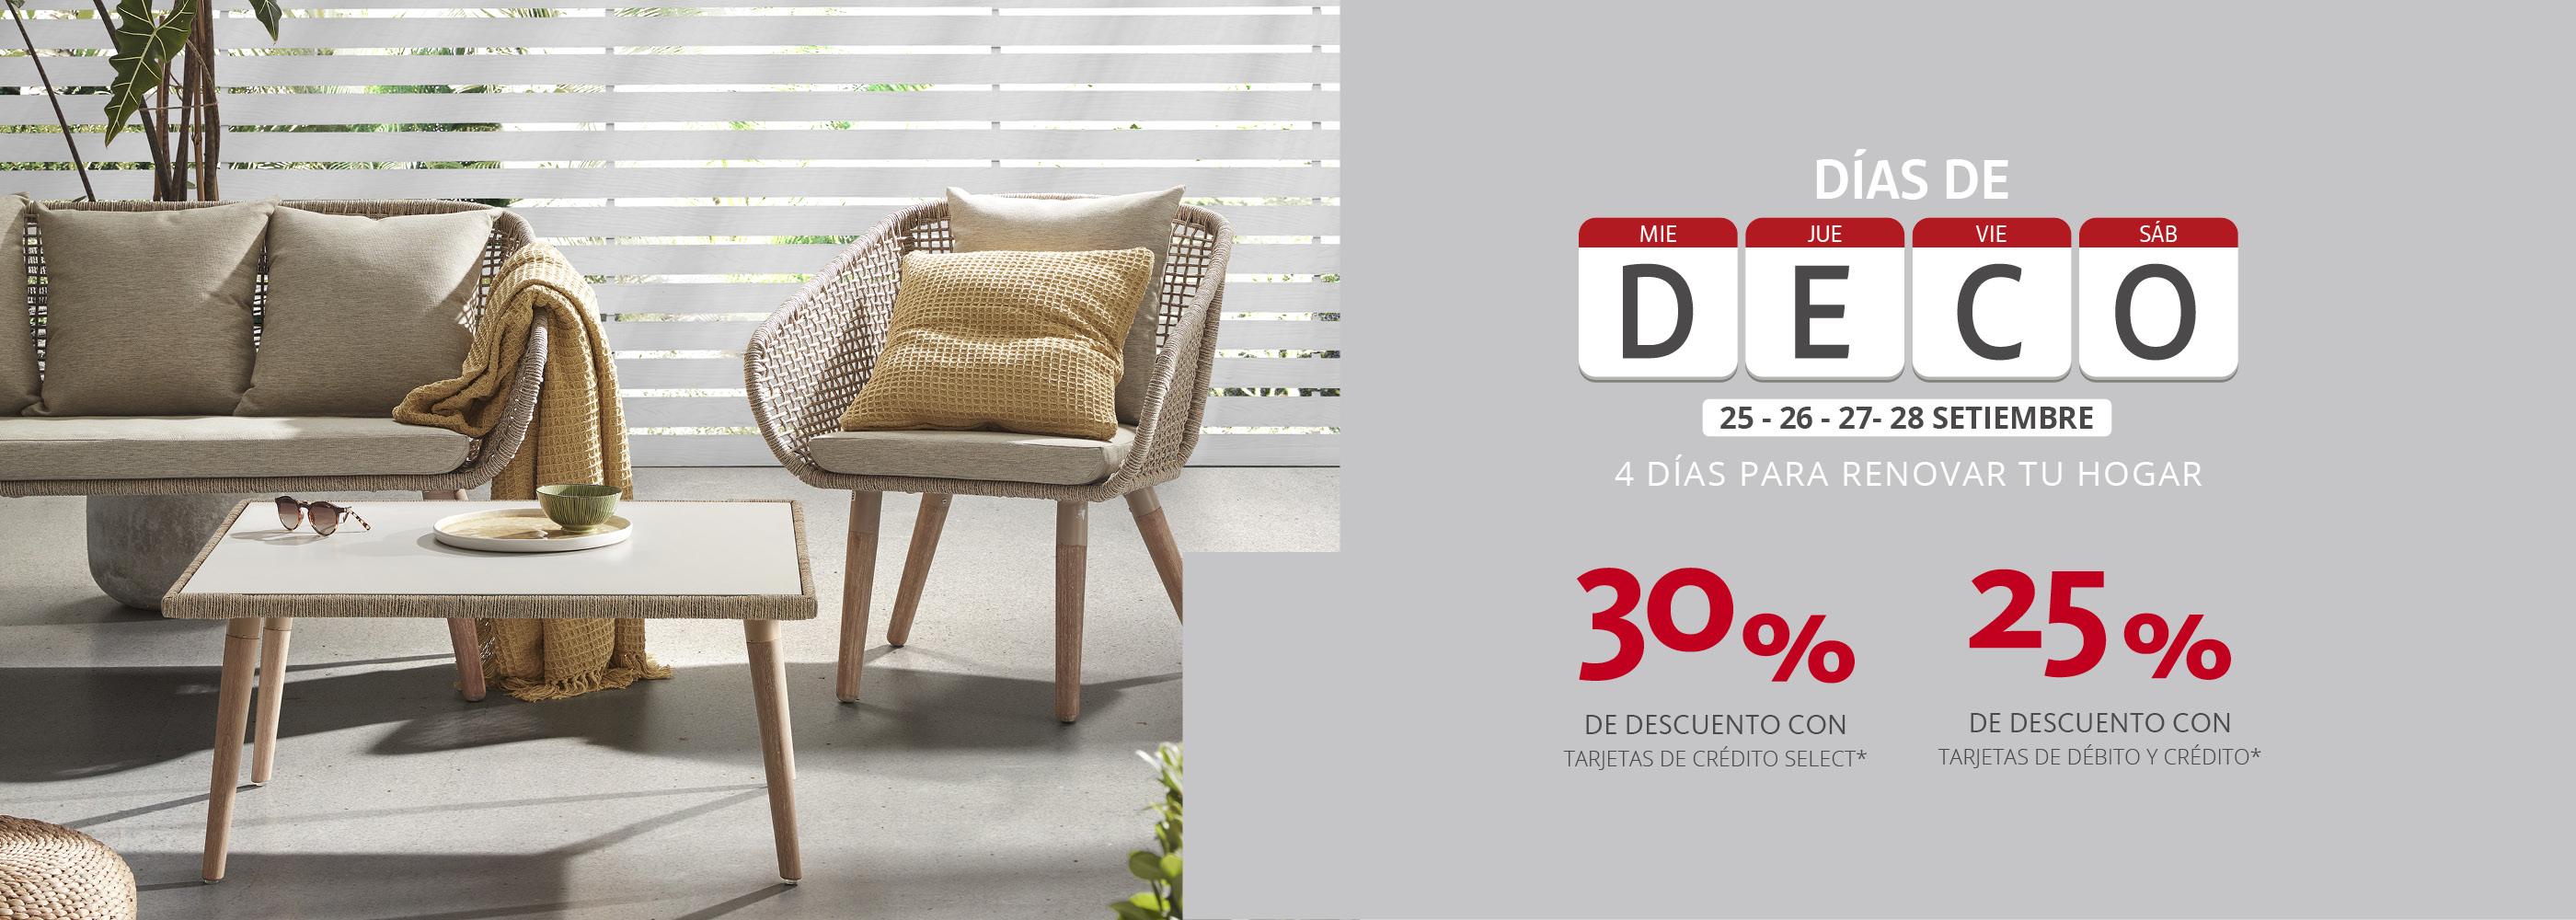 DECO Santander